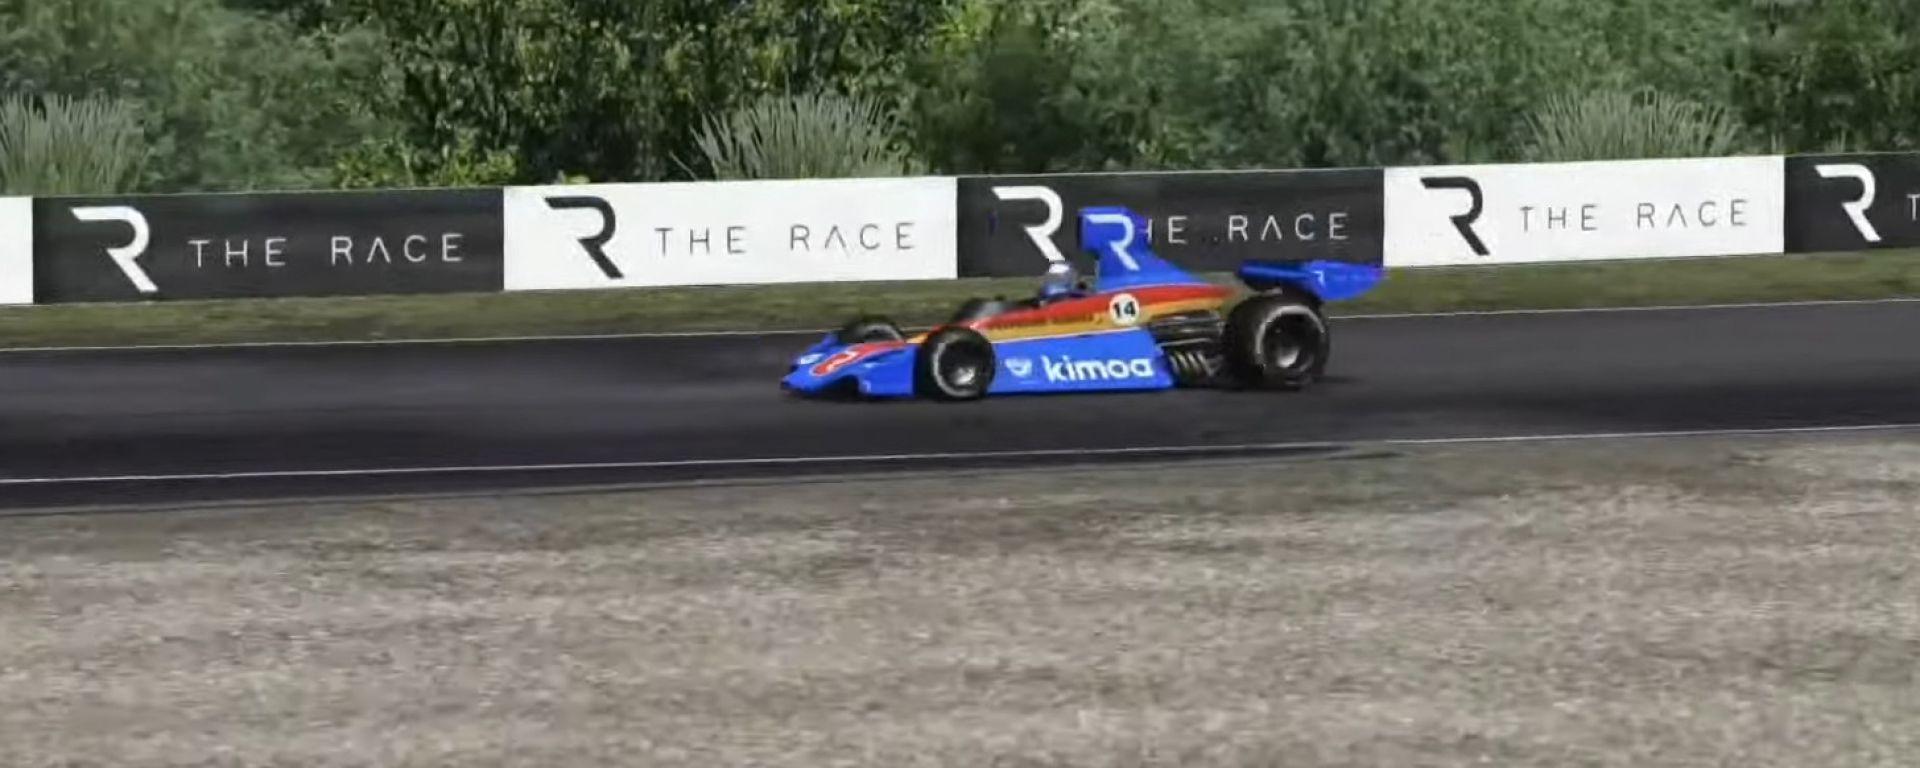 Fernando Alonso in pista nella All-Stars Legends del portale The Race